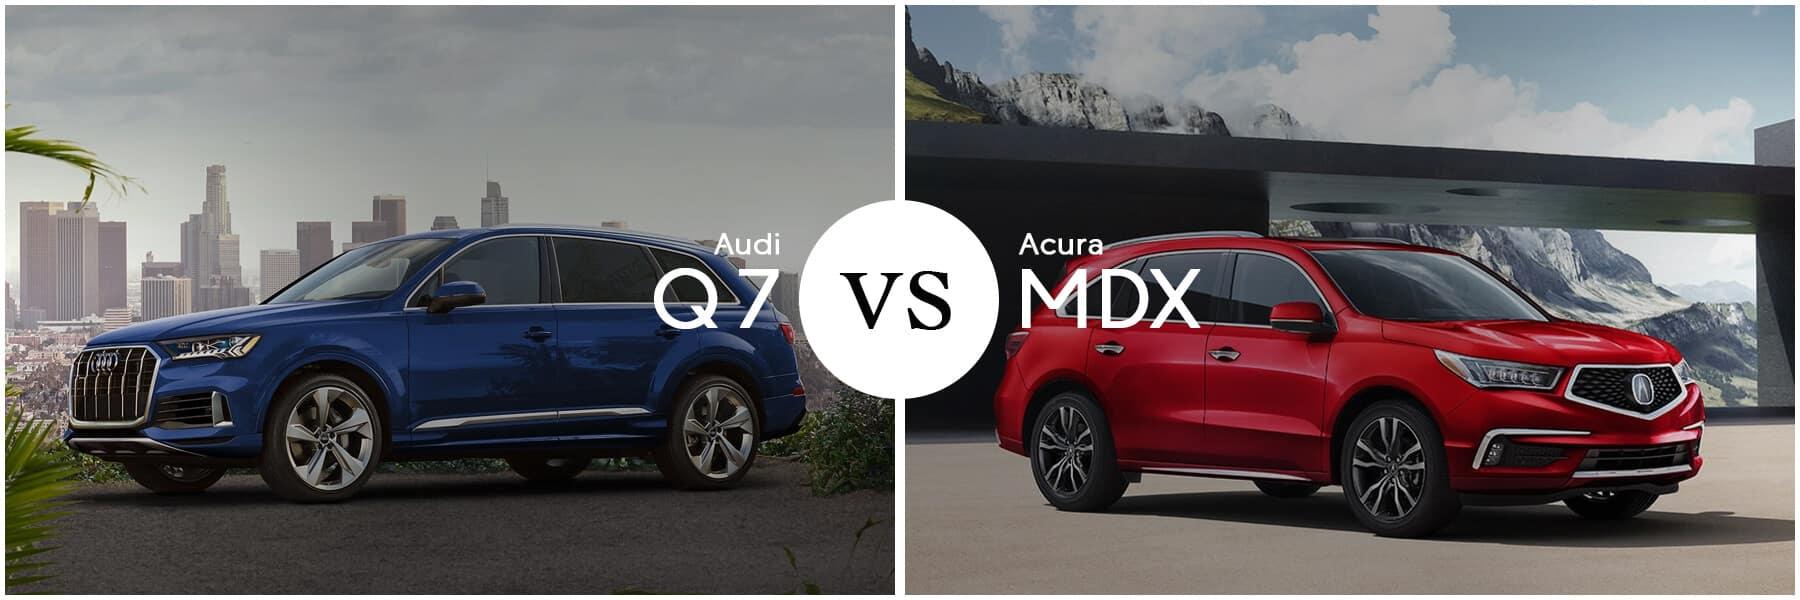 Acura MDX vs. Audi Q7 Slider